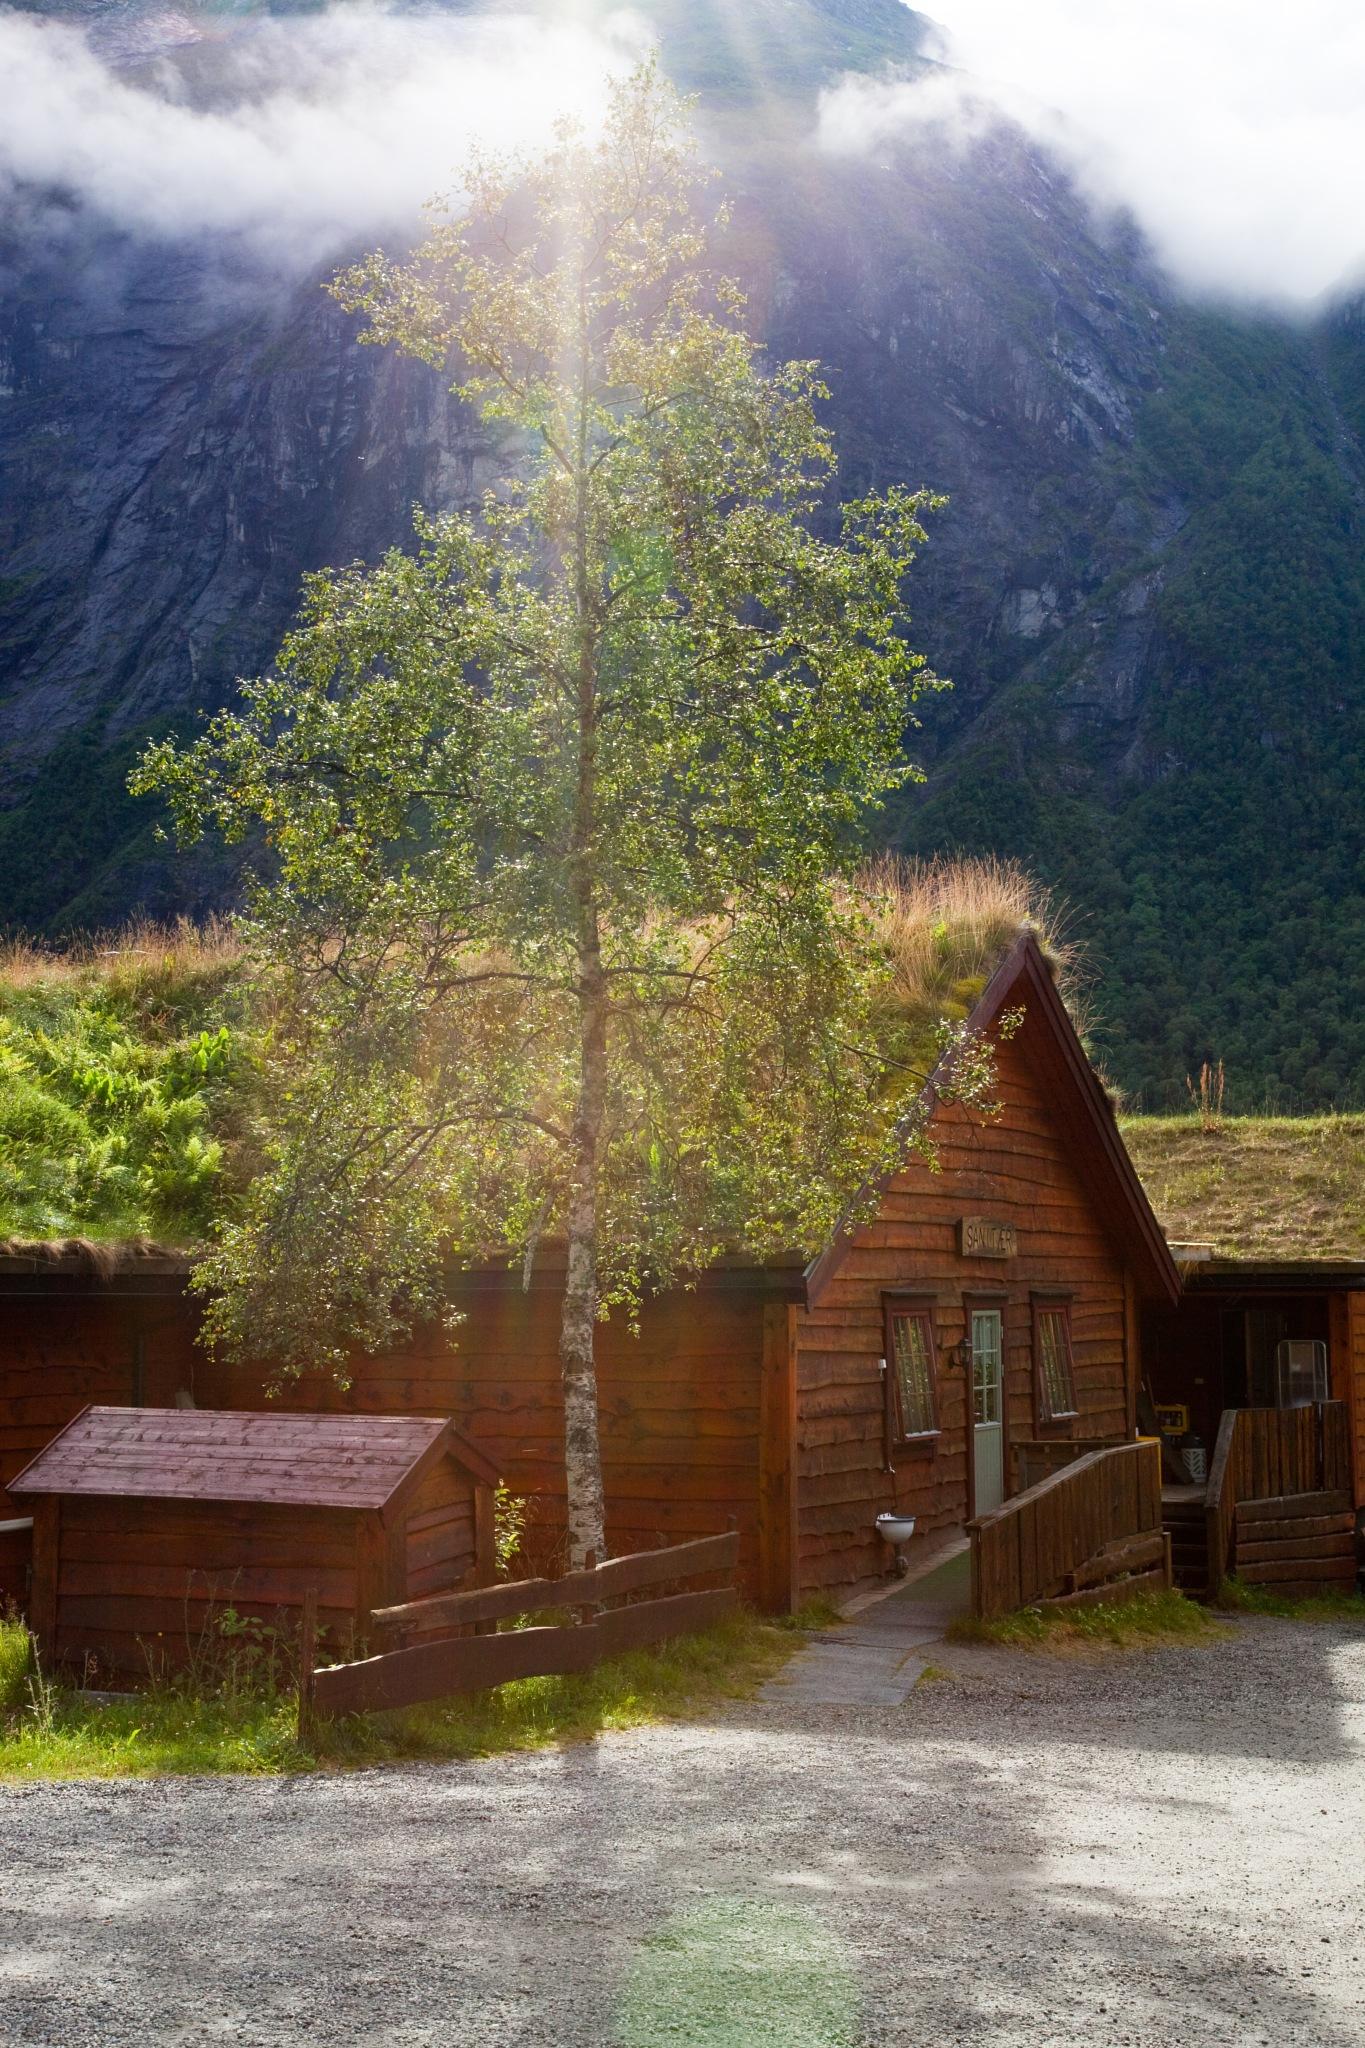 Sunny day in Norway by Evgeny Kravchenko